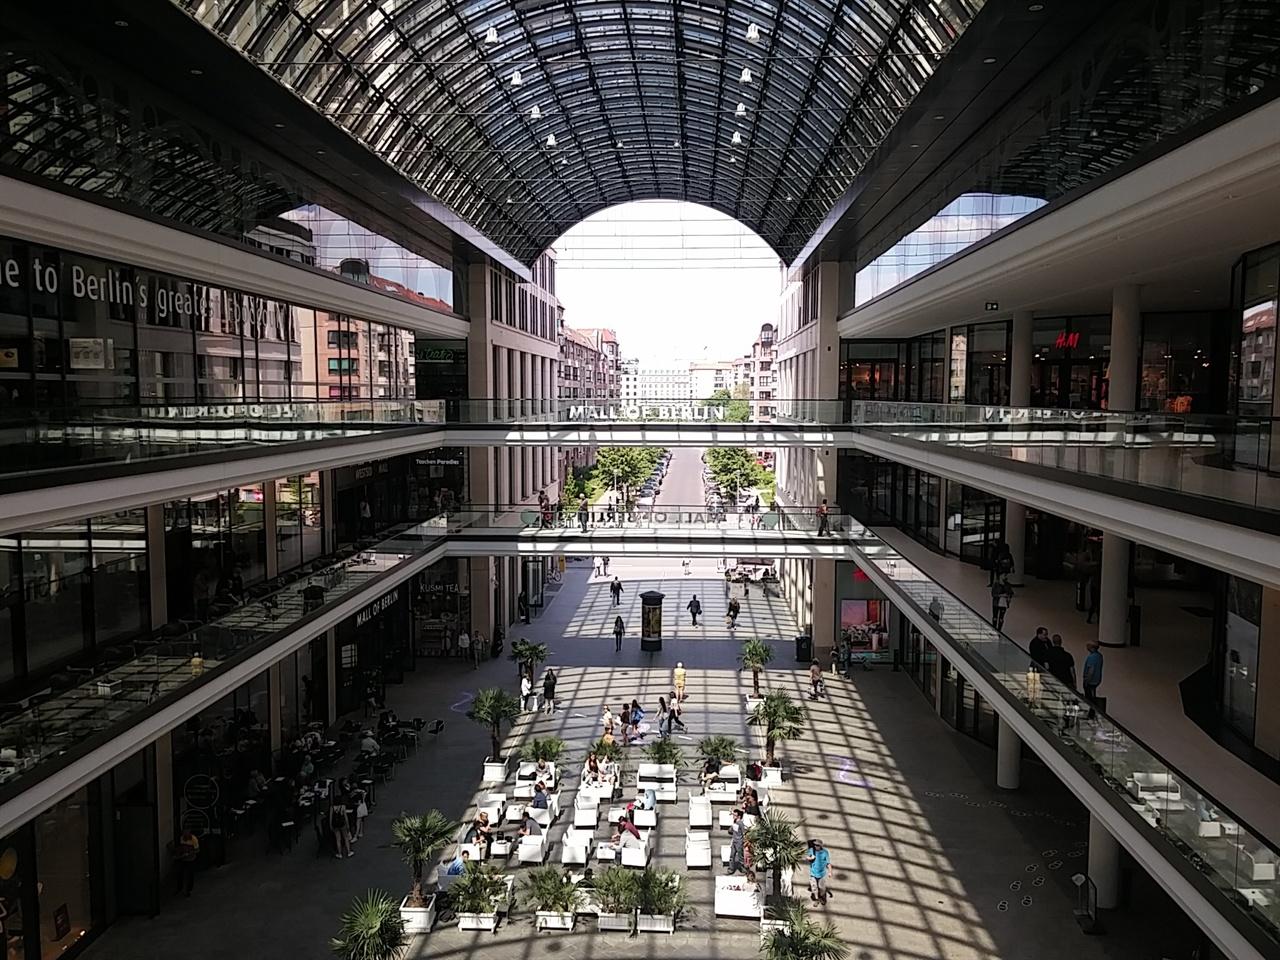 몰 오브 베를린(Mall of Berlin)